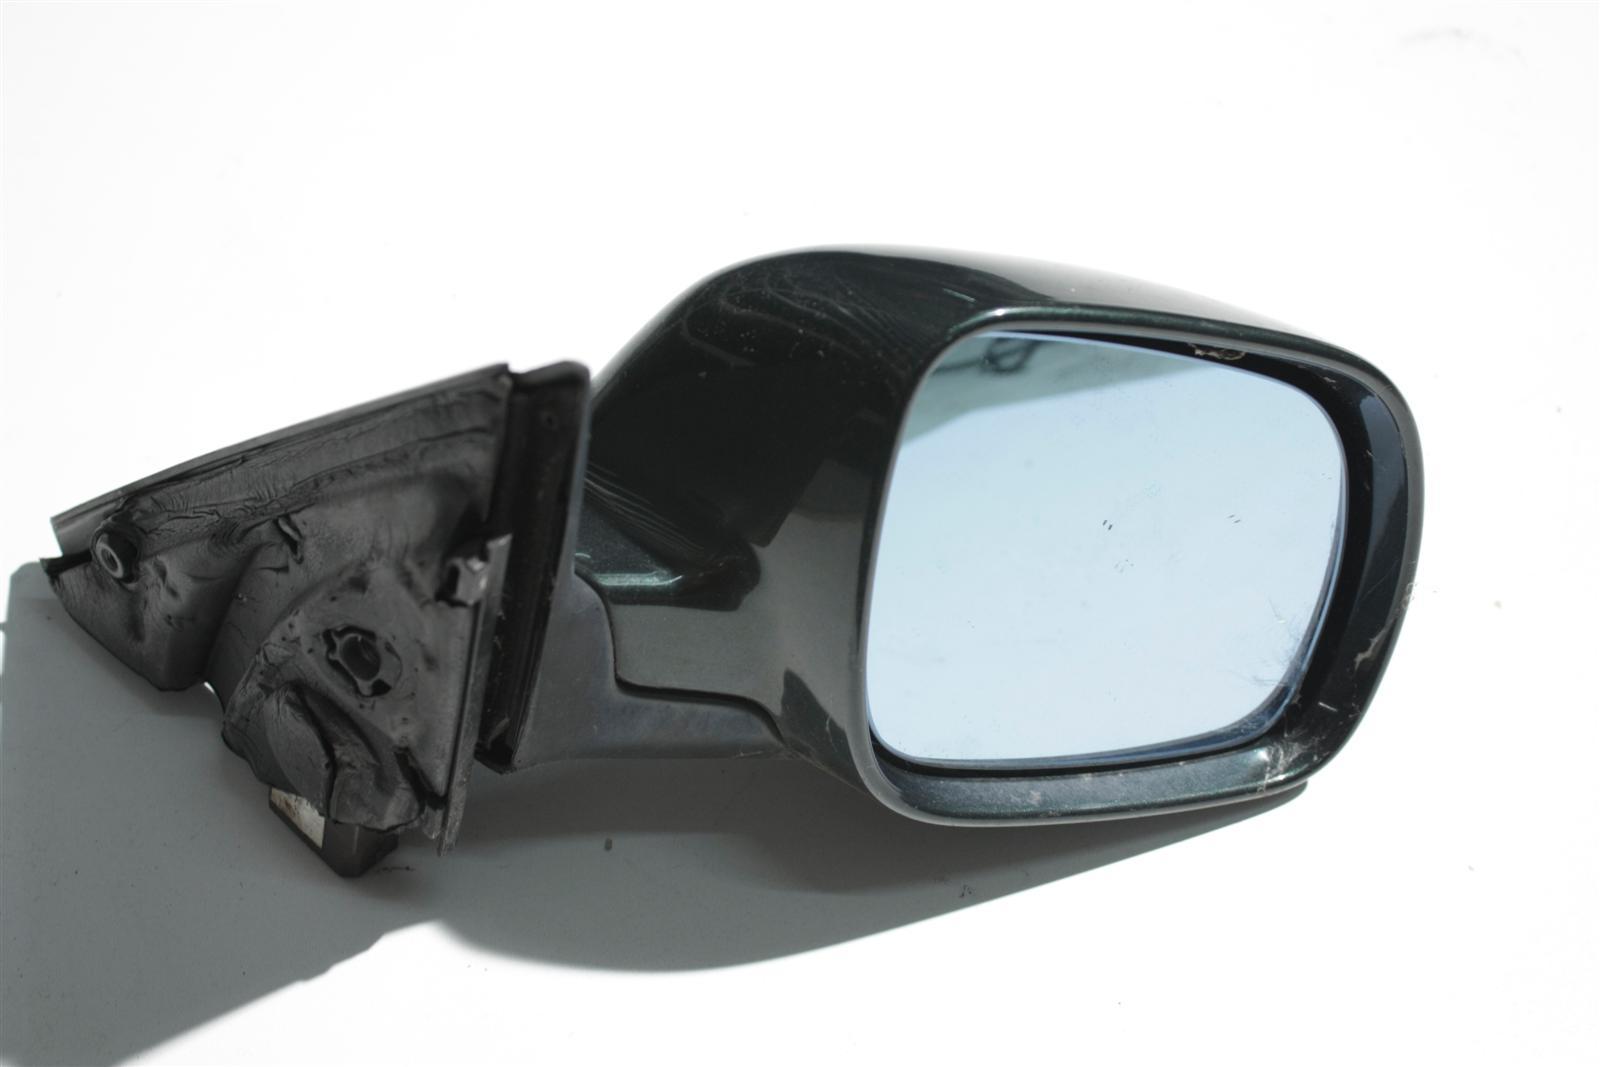 Audi 100/A6 C4 Außenspiegel Rechts BFS ragusa LY6P 4A1858532